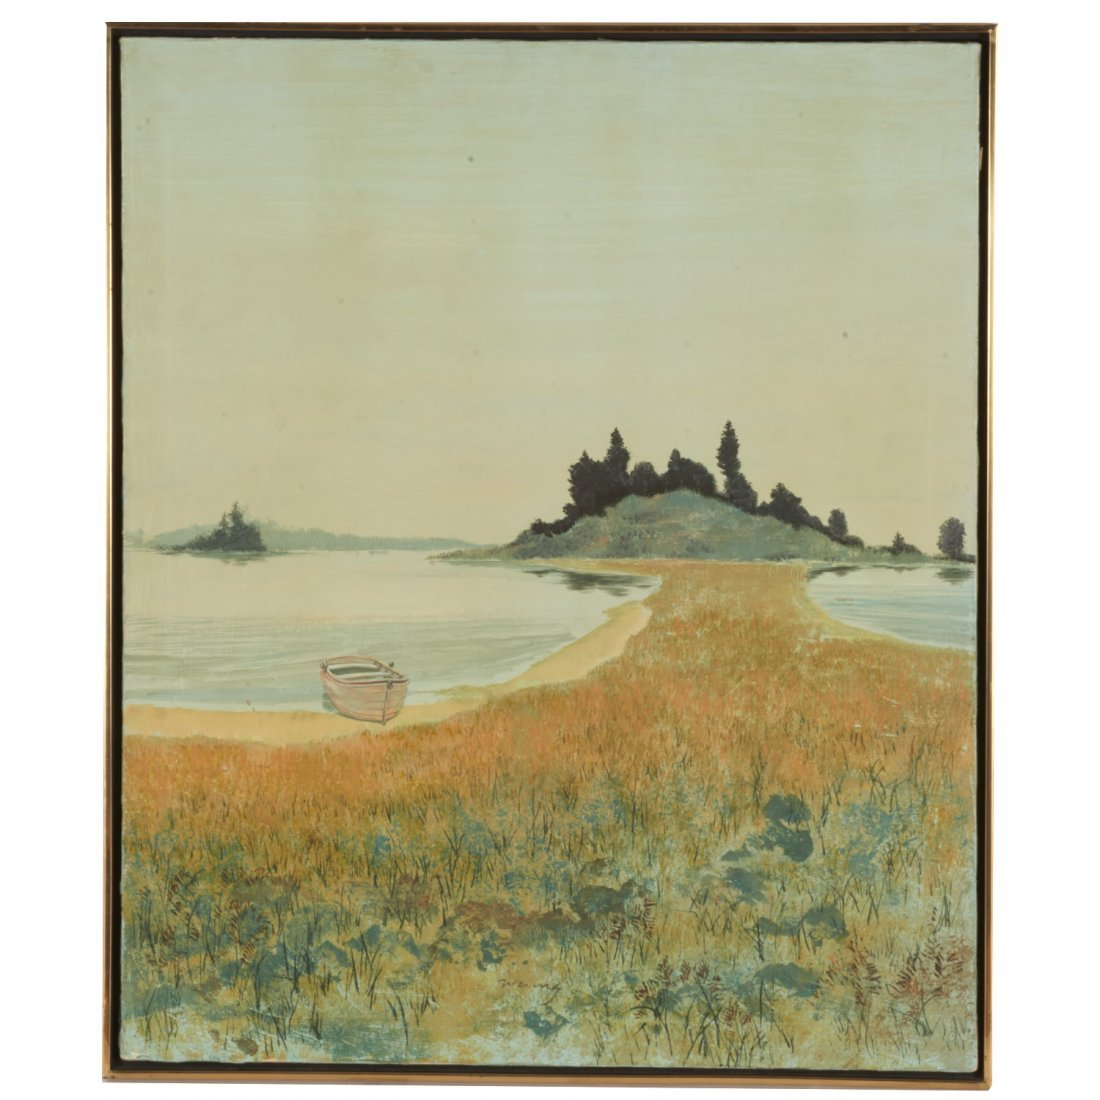 Wering, oil painting